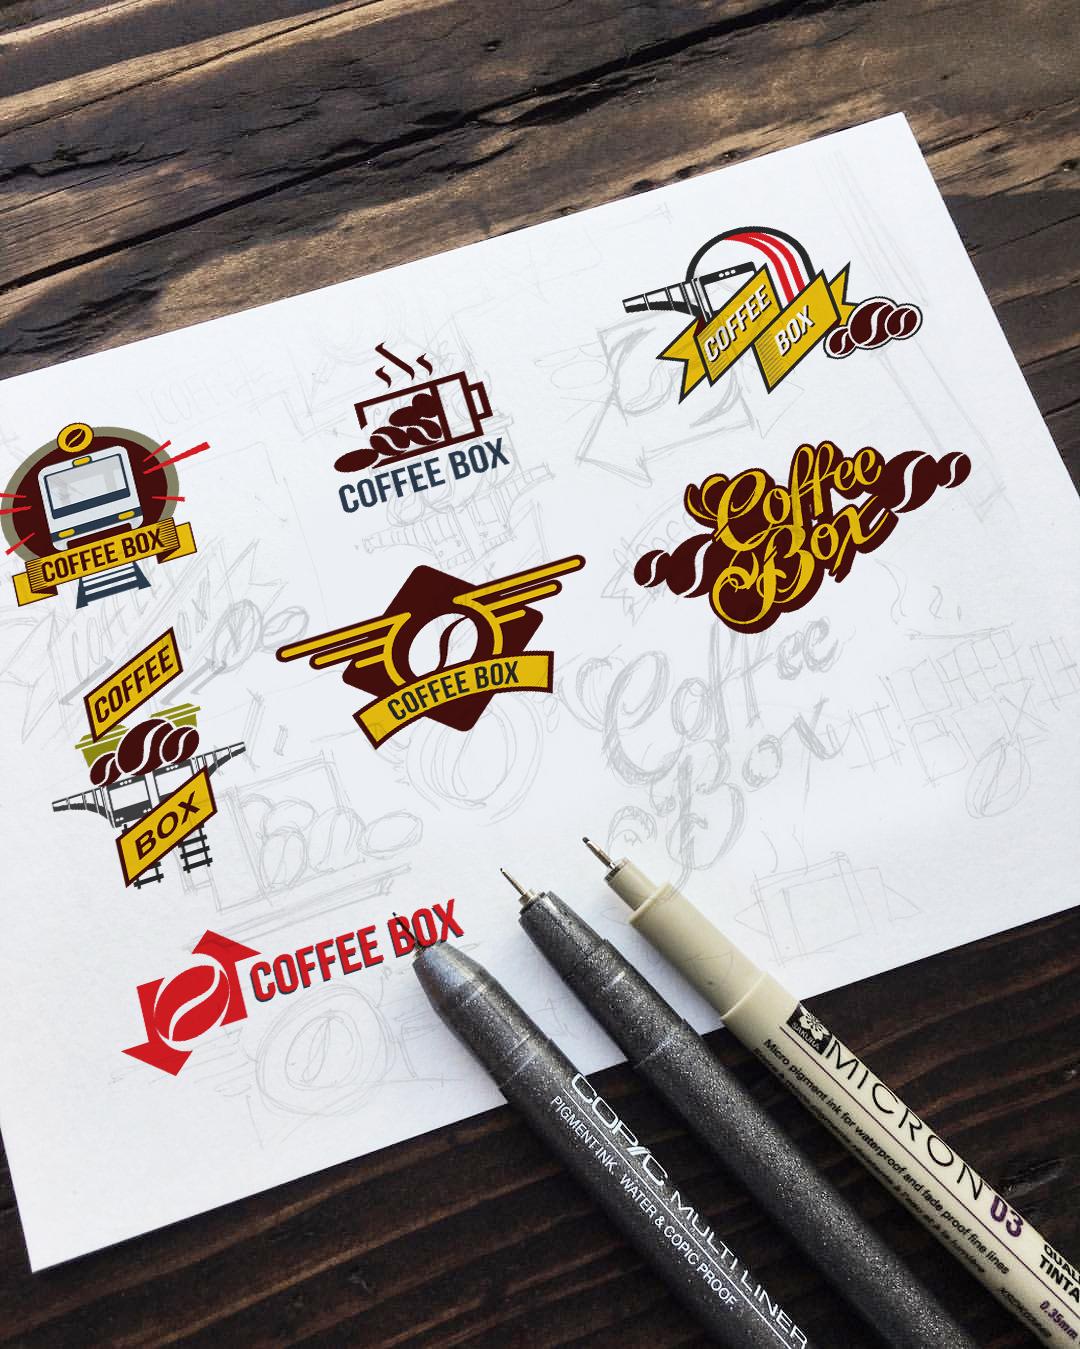 Требуется очень срочно разработать логотип кофейни! фото f_9795a1559235f47e.jpg